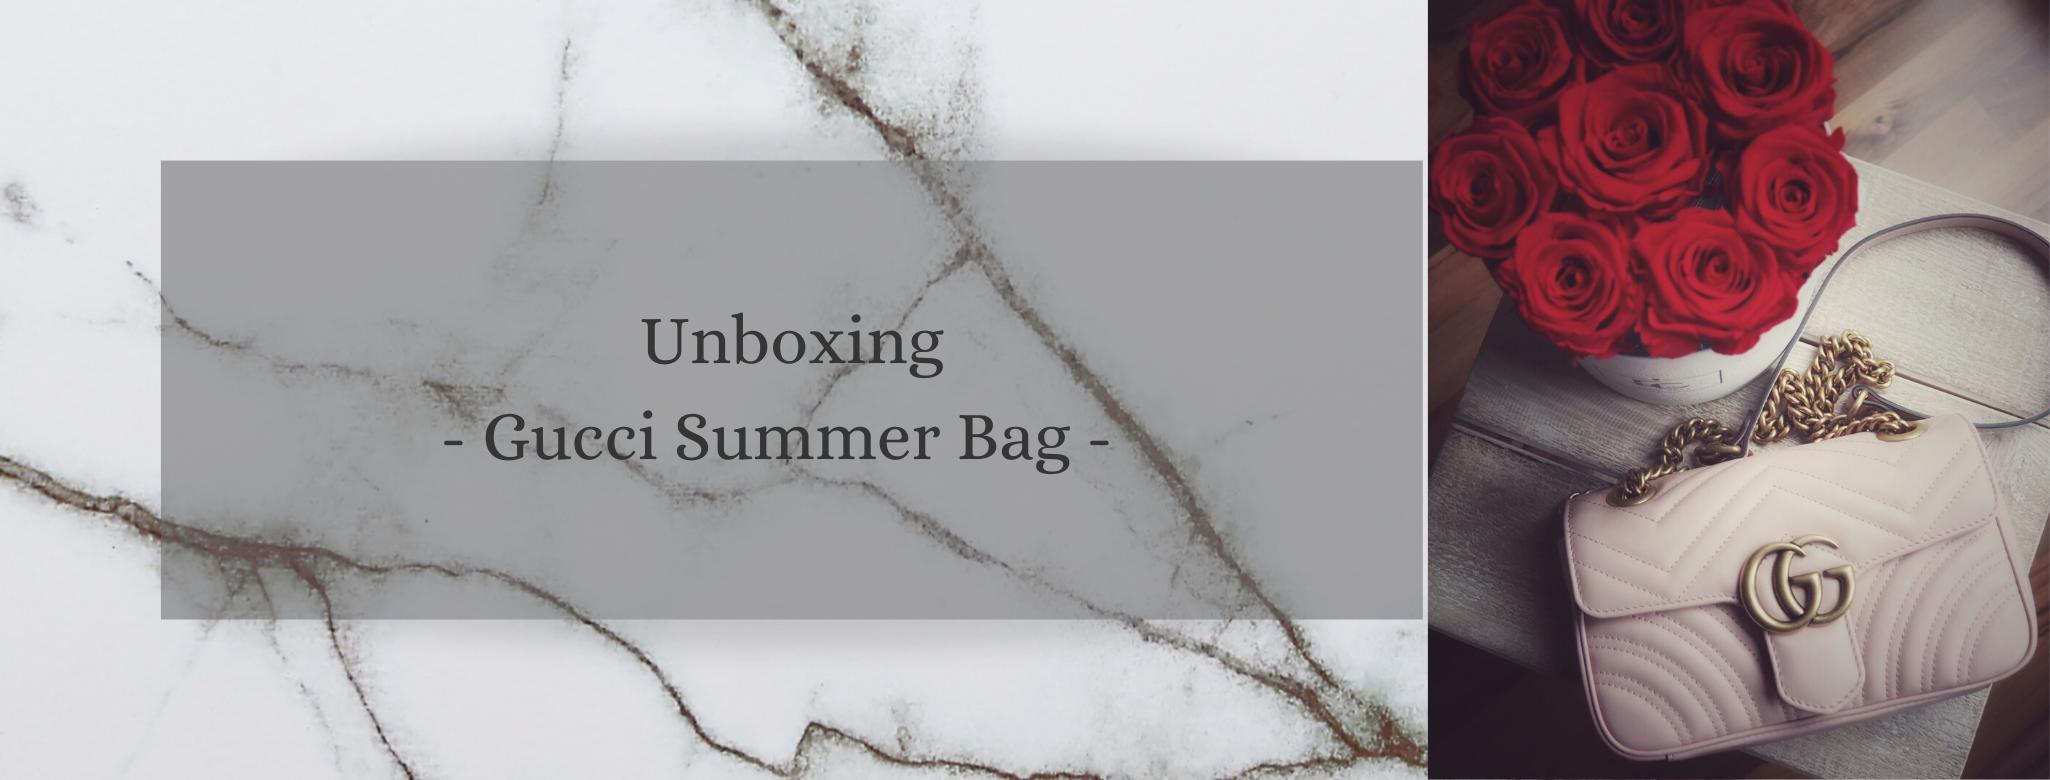 Unboxing – Gucci Summer Bag